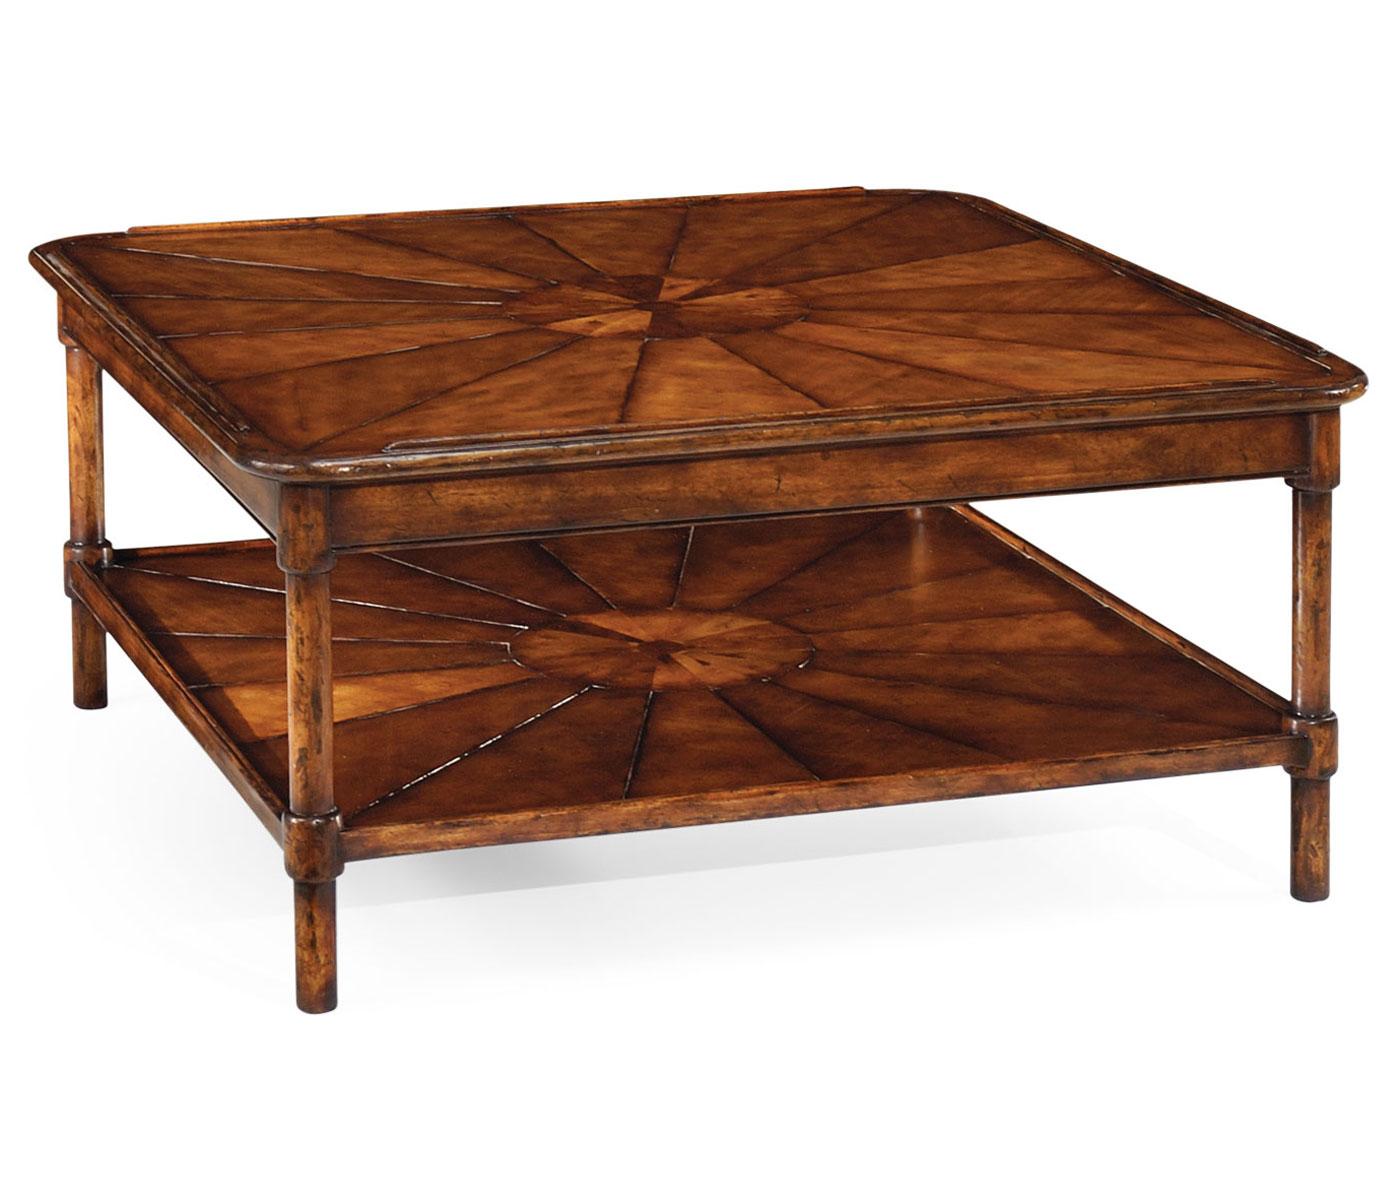 walnut coffee tables square rustic walnut coffee table BPTUQDK